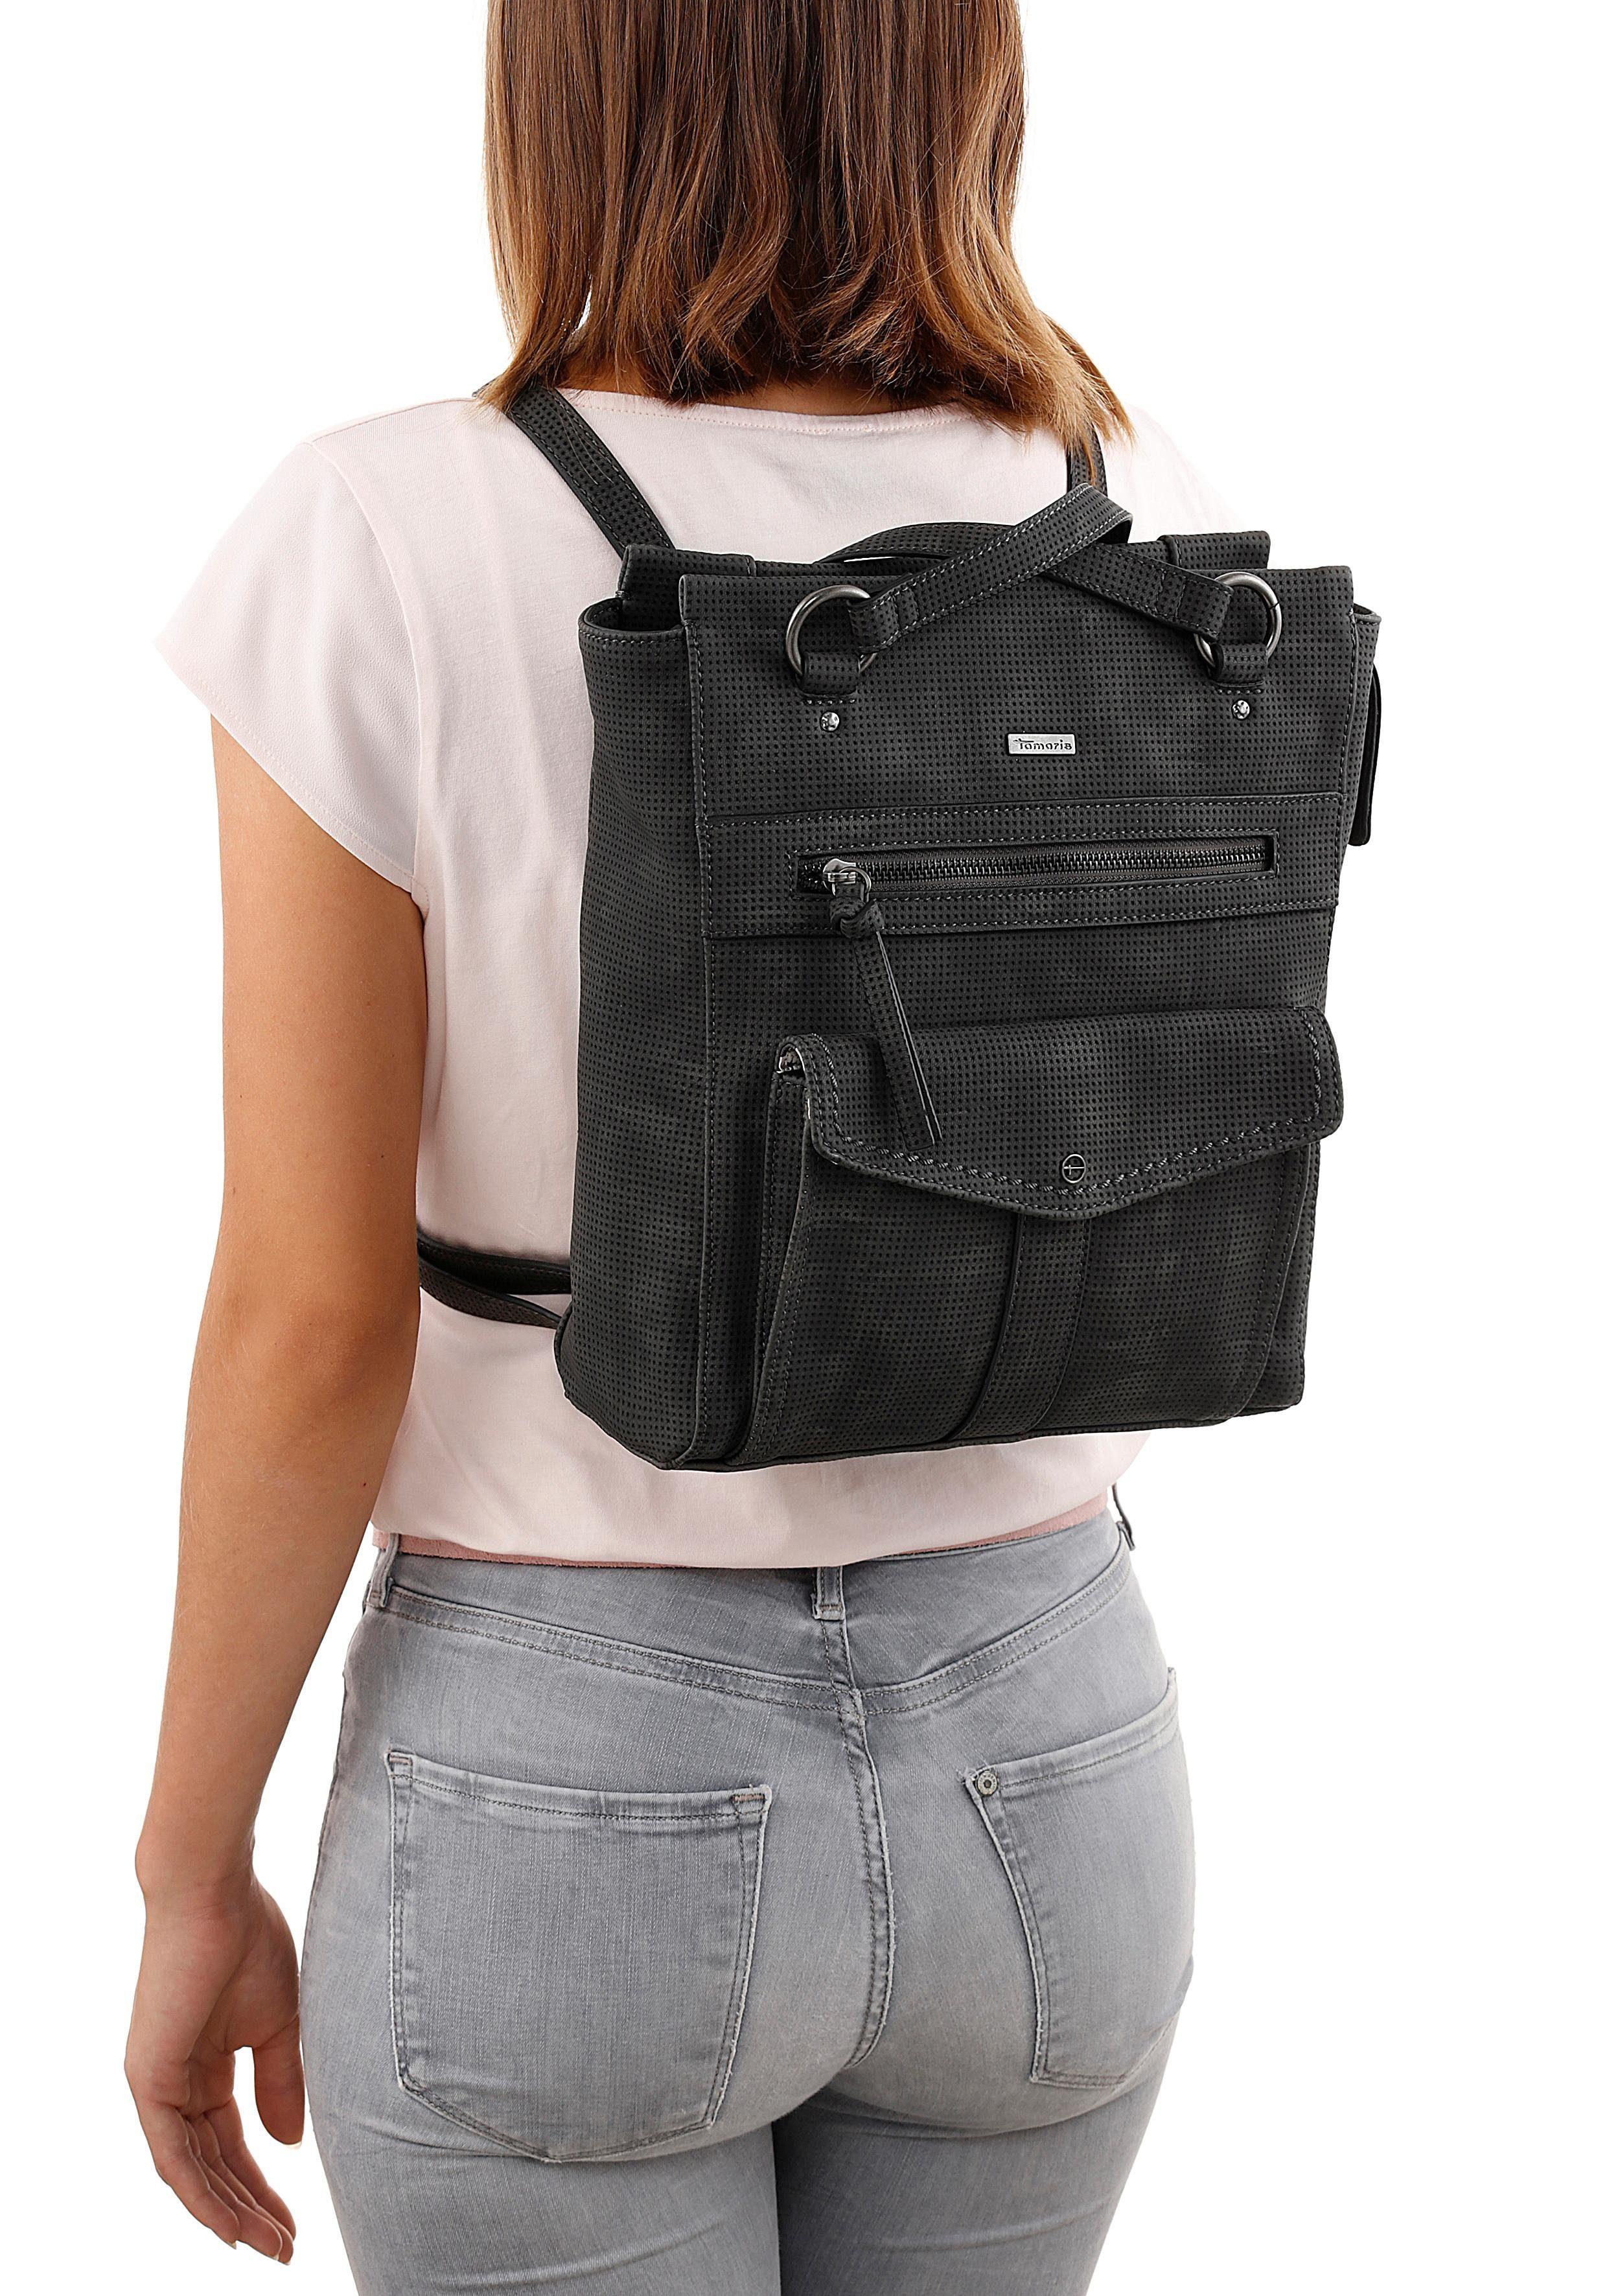 Tamaris Als Handtasche Auch »adriana« Tragbar Cityrucksack awPagRF